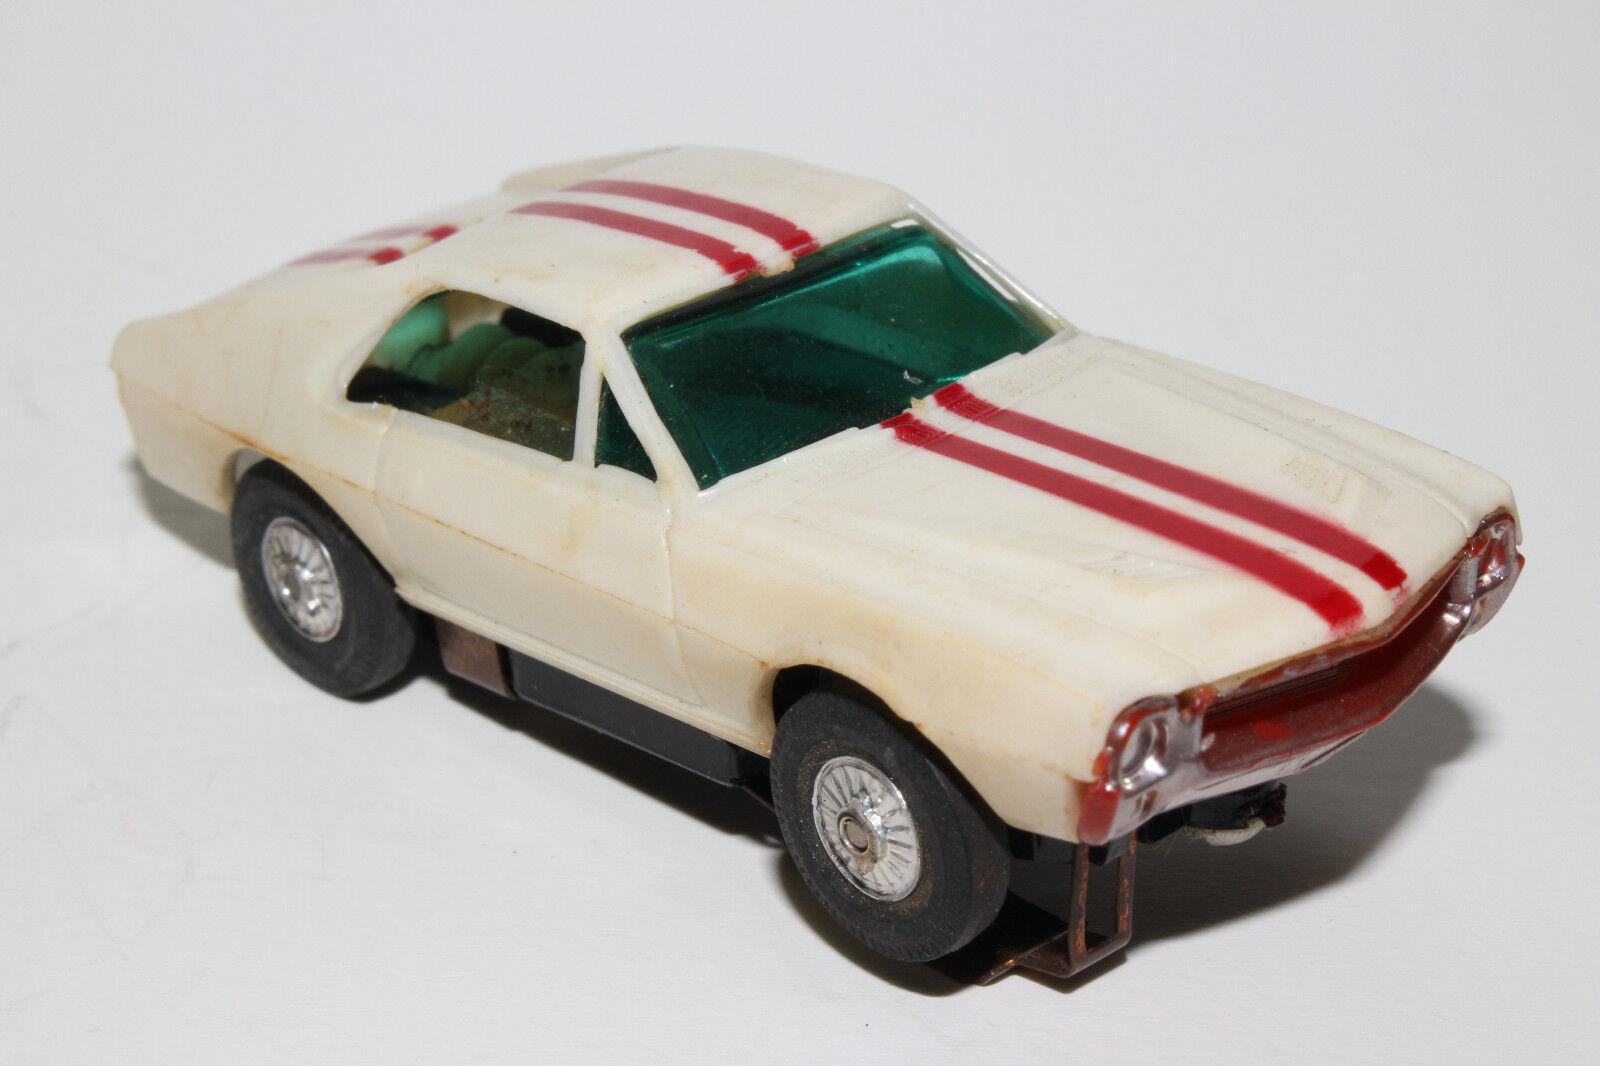 Tyco Elettrico Racing Slot Auto, 1968-69 Amx Bianco con Righe Rosse , Originale